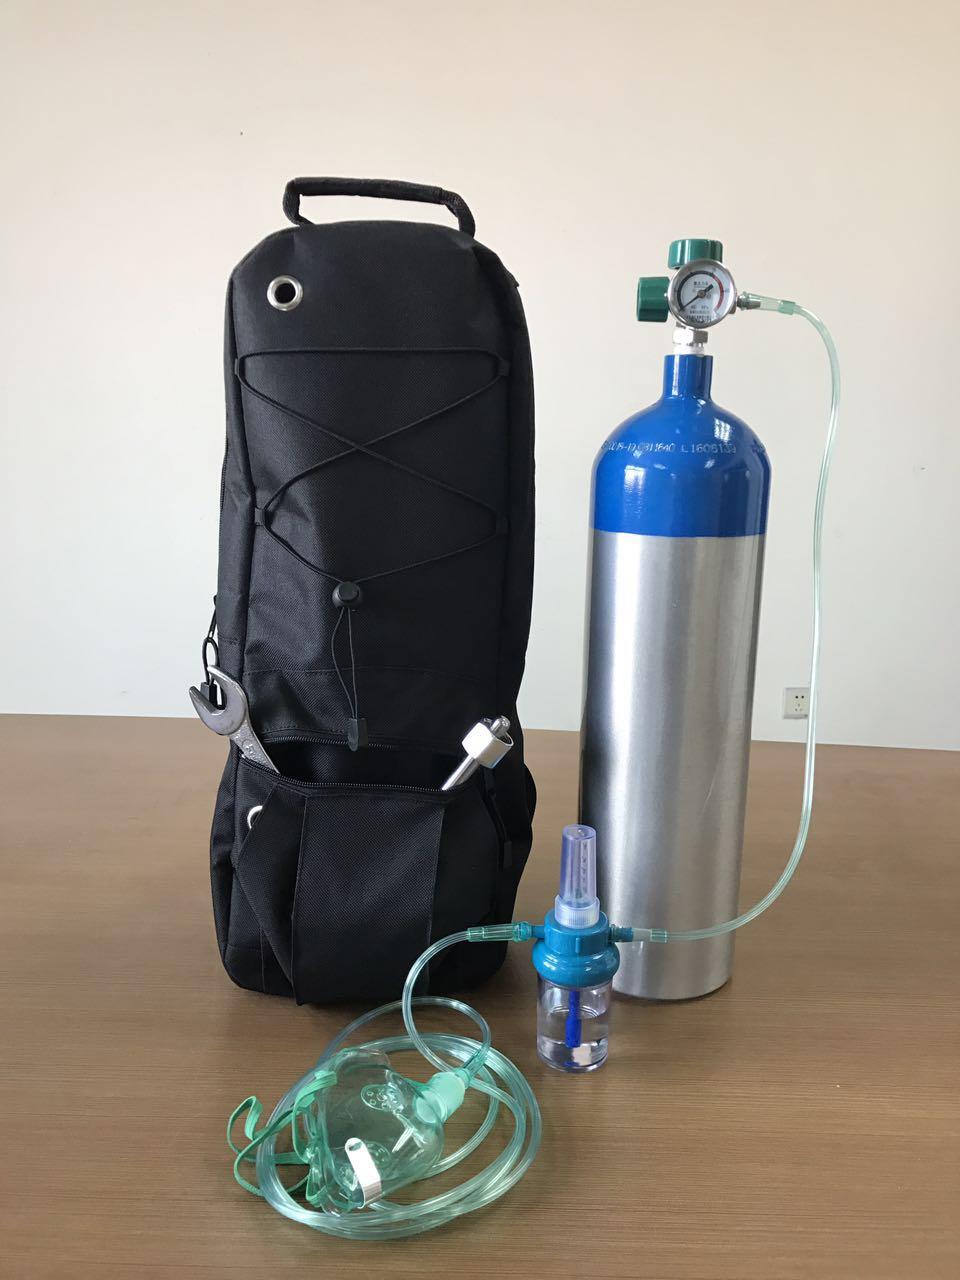 便携式医用氧气瓶